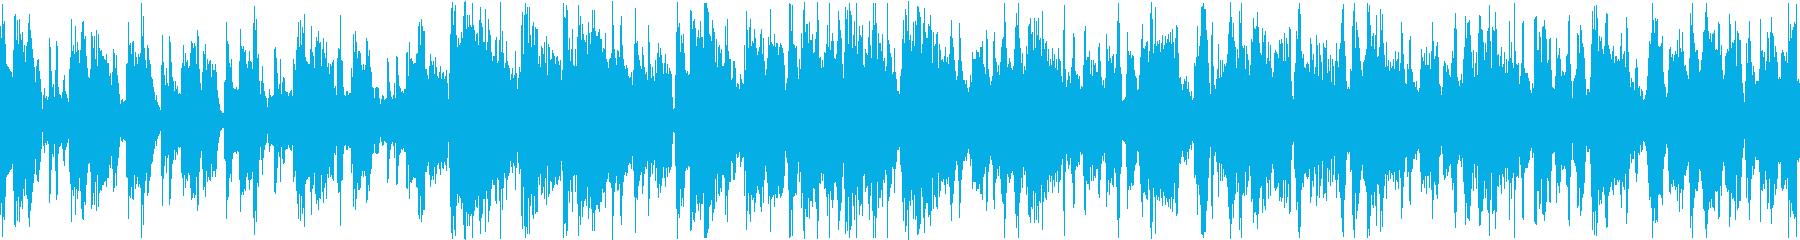 スマートな大人ジャズトラックの再生済みの波形